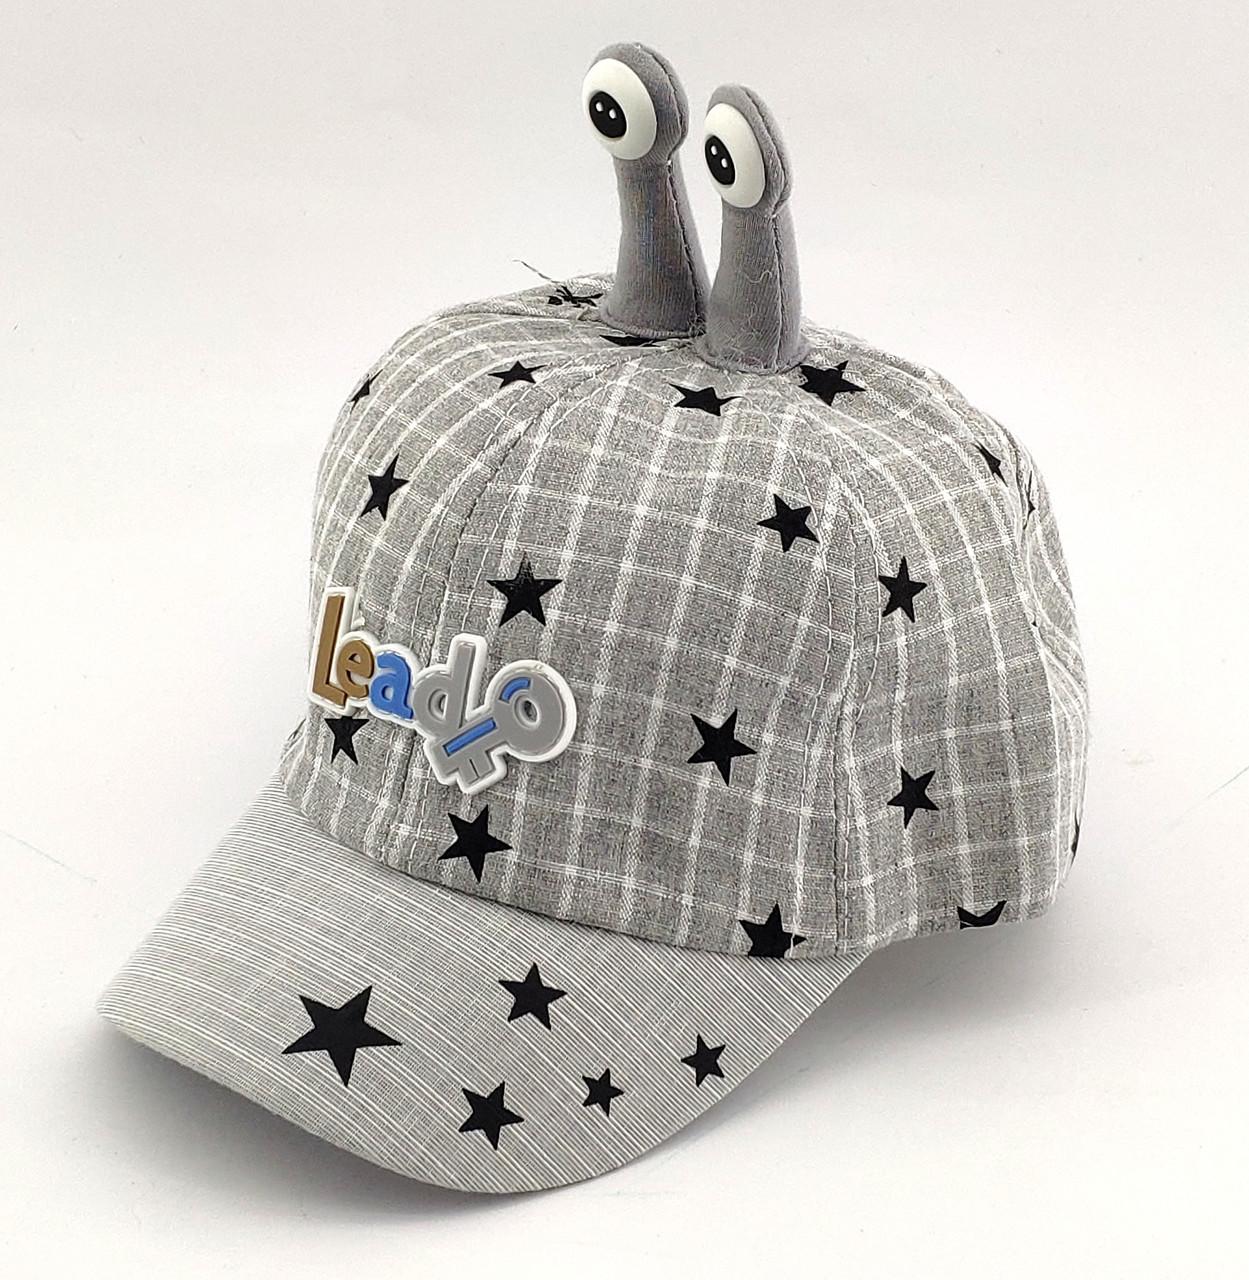 Детская бейсболка кепка с 48 по 52 размер детские бейсболки головные уборы кепки лён для мальчика